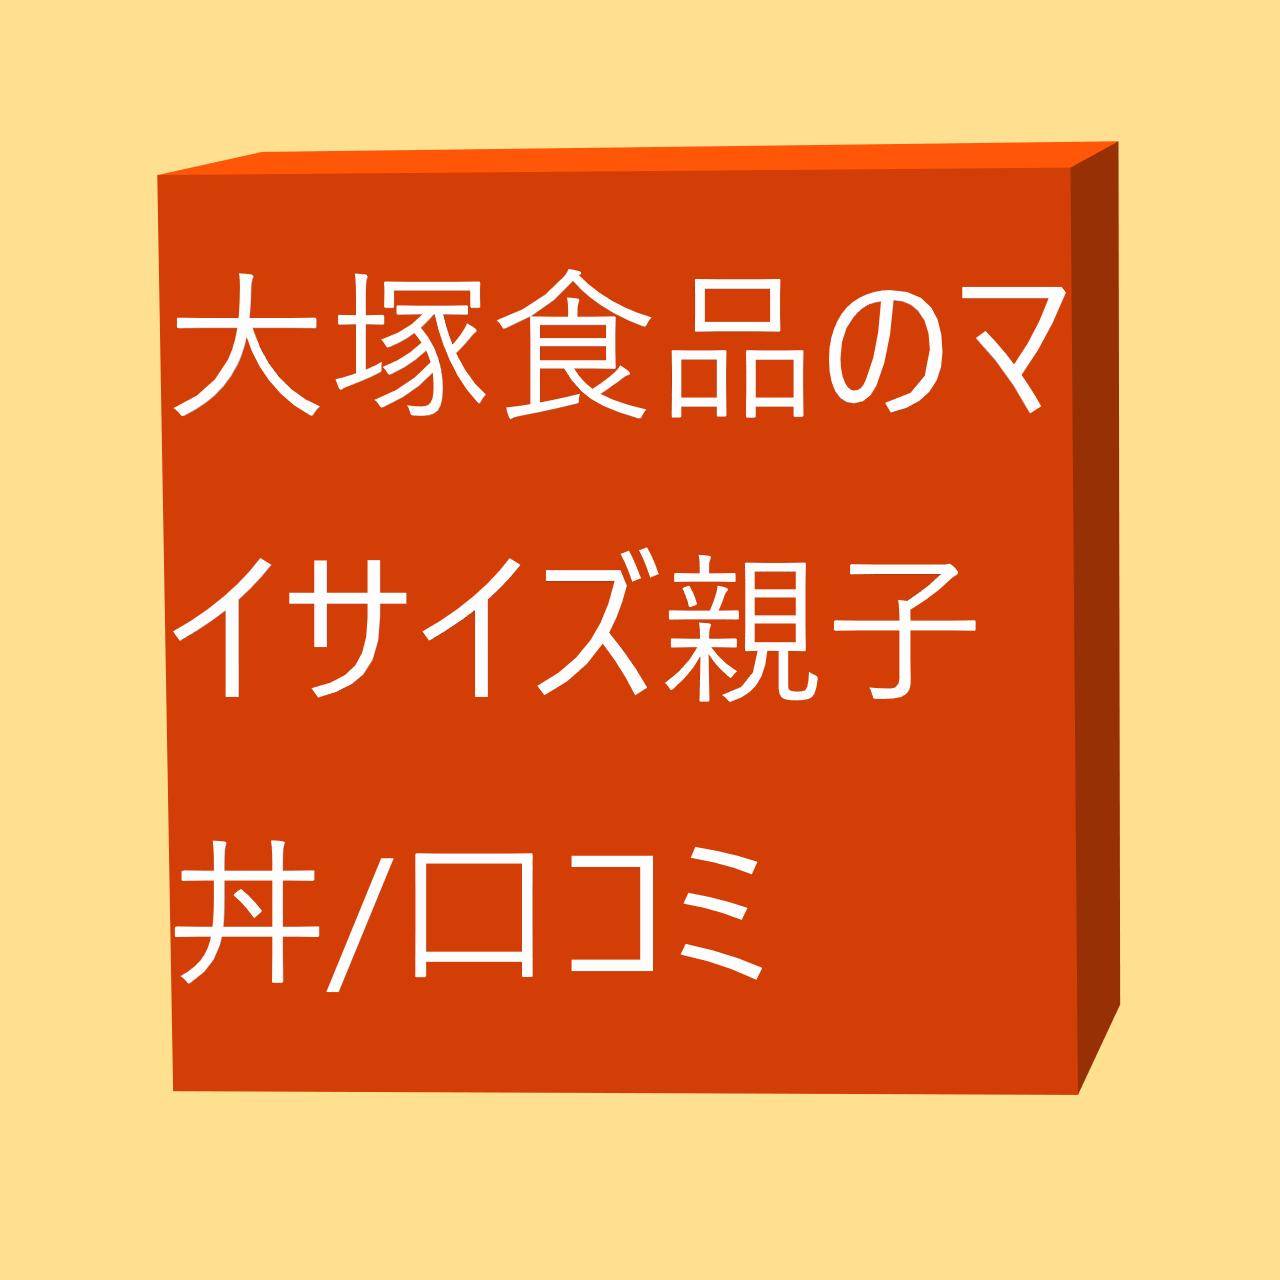 大塚食品(おおつかしょくひん)の親子丼(おやこどん)や口コミ、外箱(そとばこ)の側面(そくめん)や背面(はいめん)、マイサイズや大塚(おおつか)ホールディングスの株価(かぶか)などにかかる画像(がぞう)